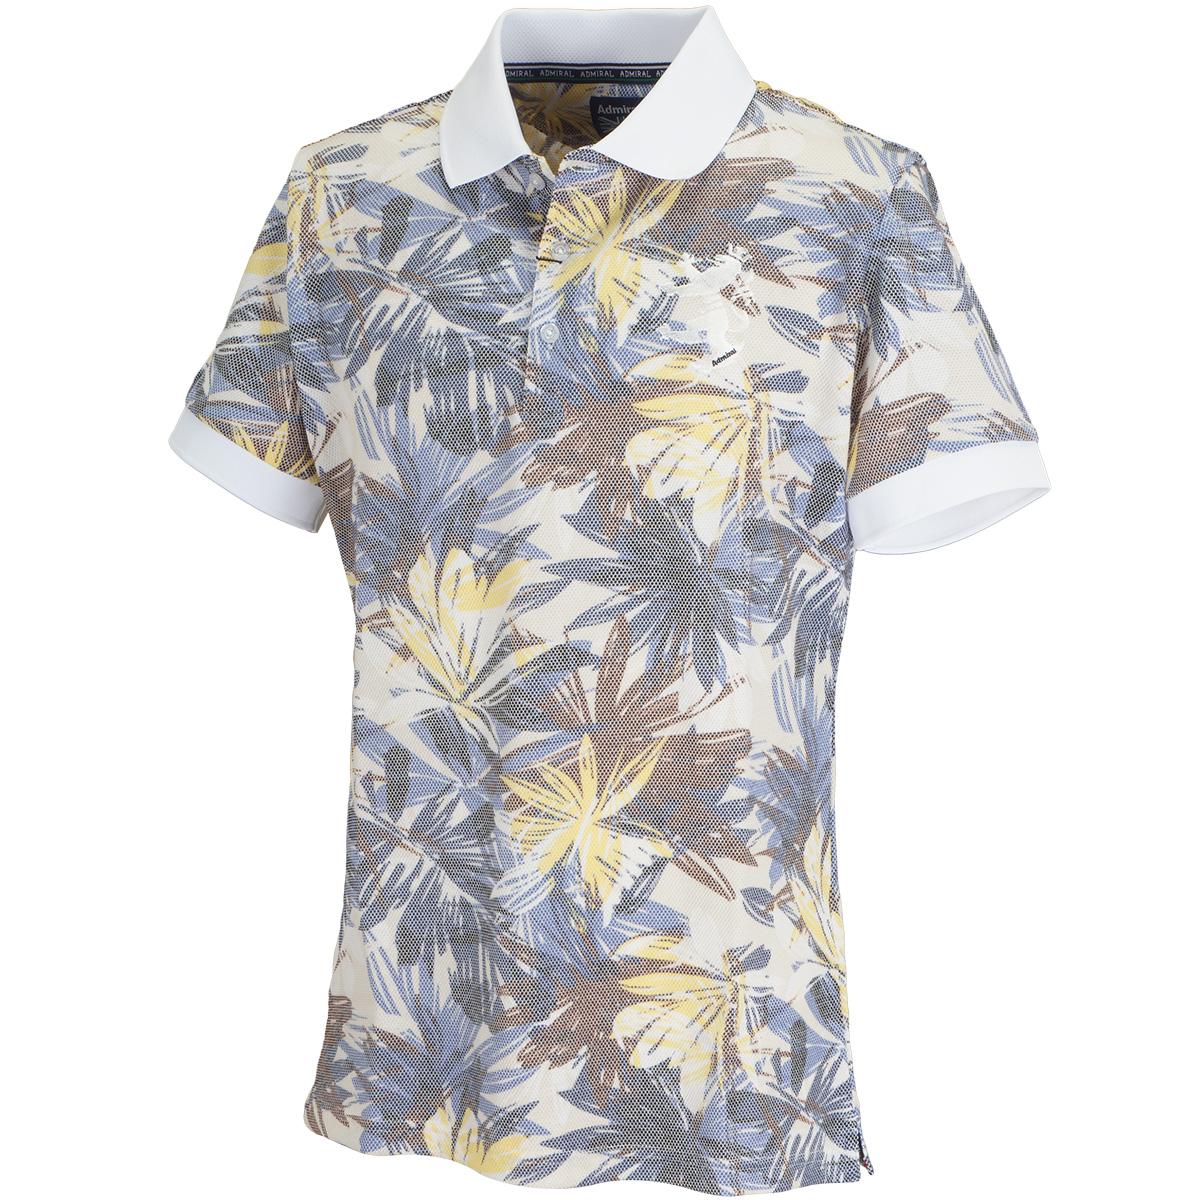 ボタニカルプリント 半袖ポロシャツ